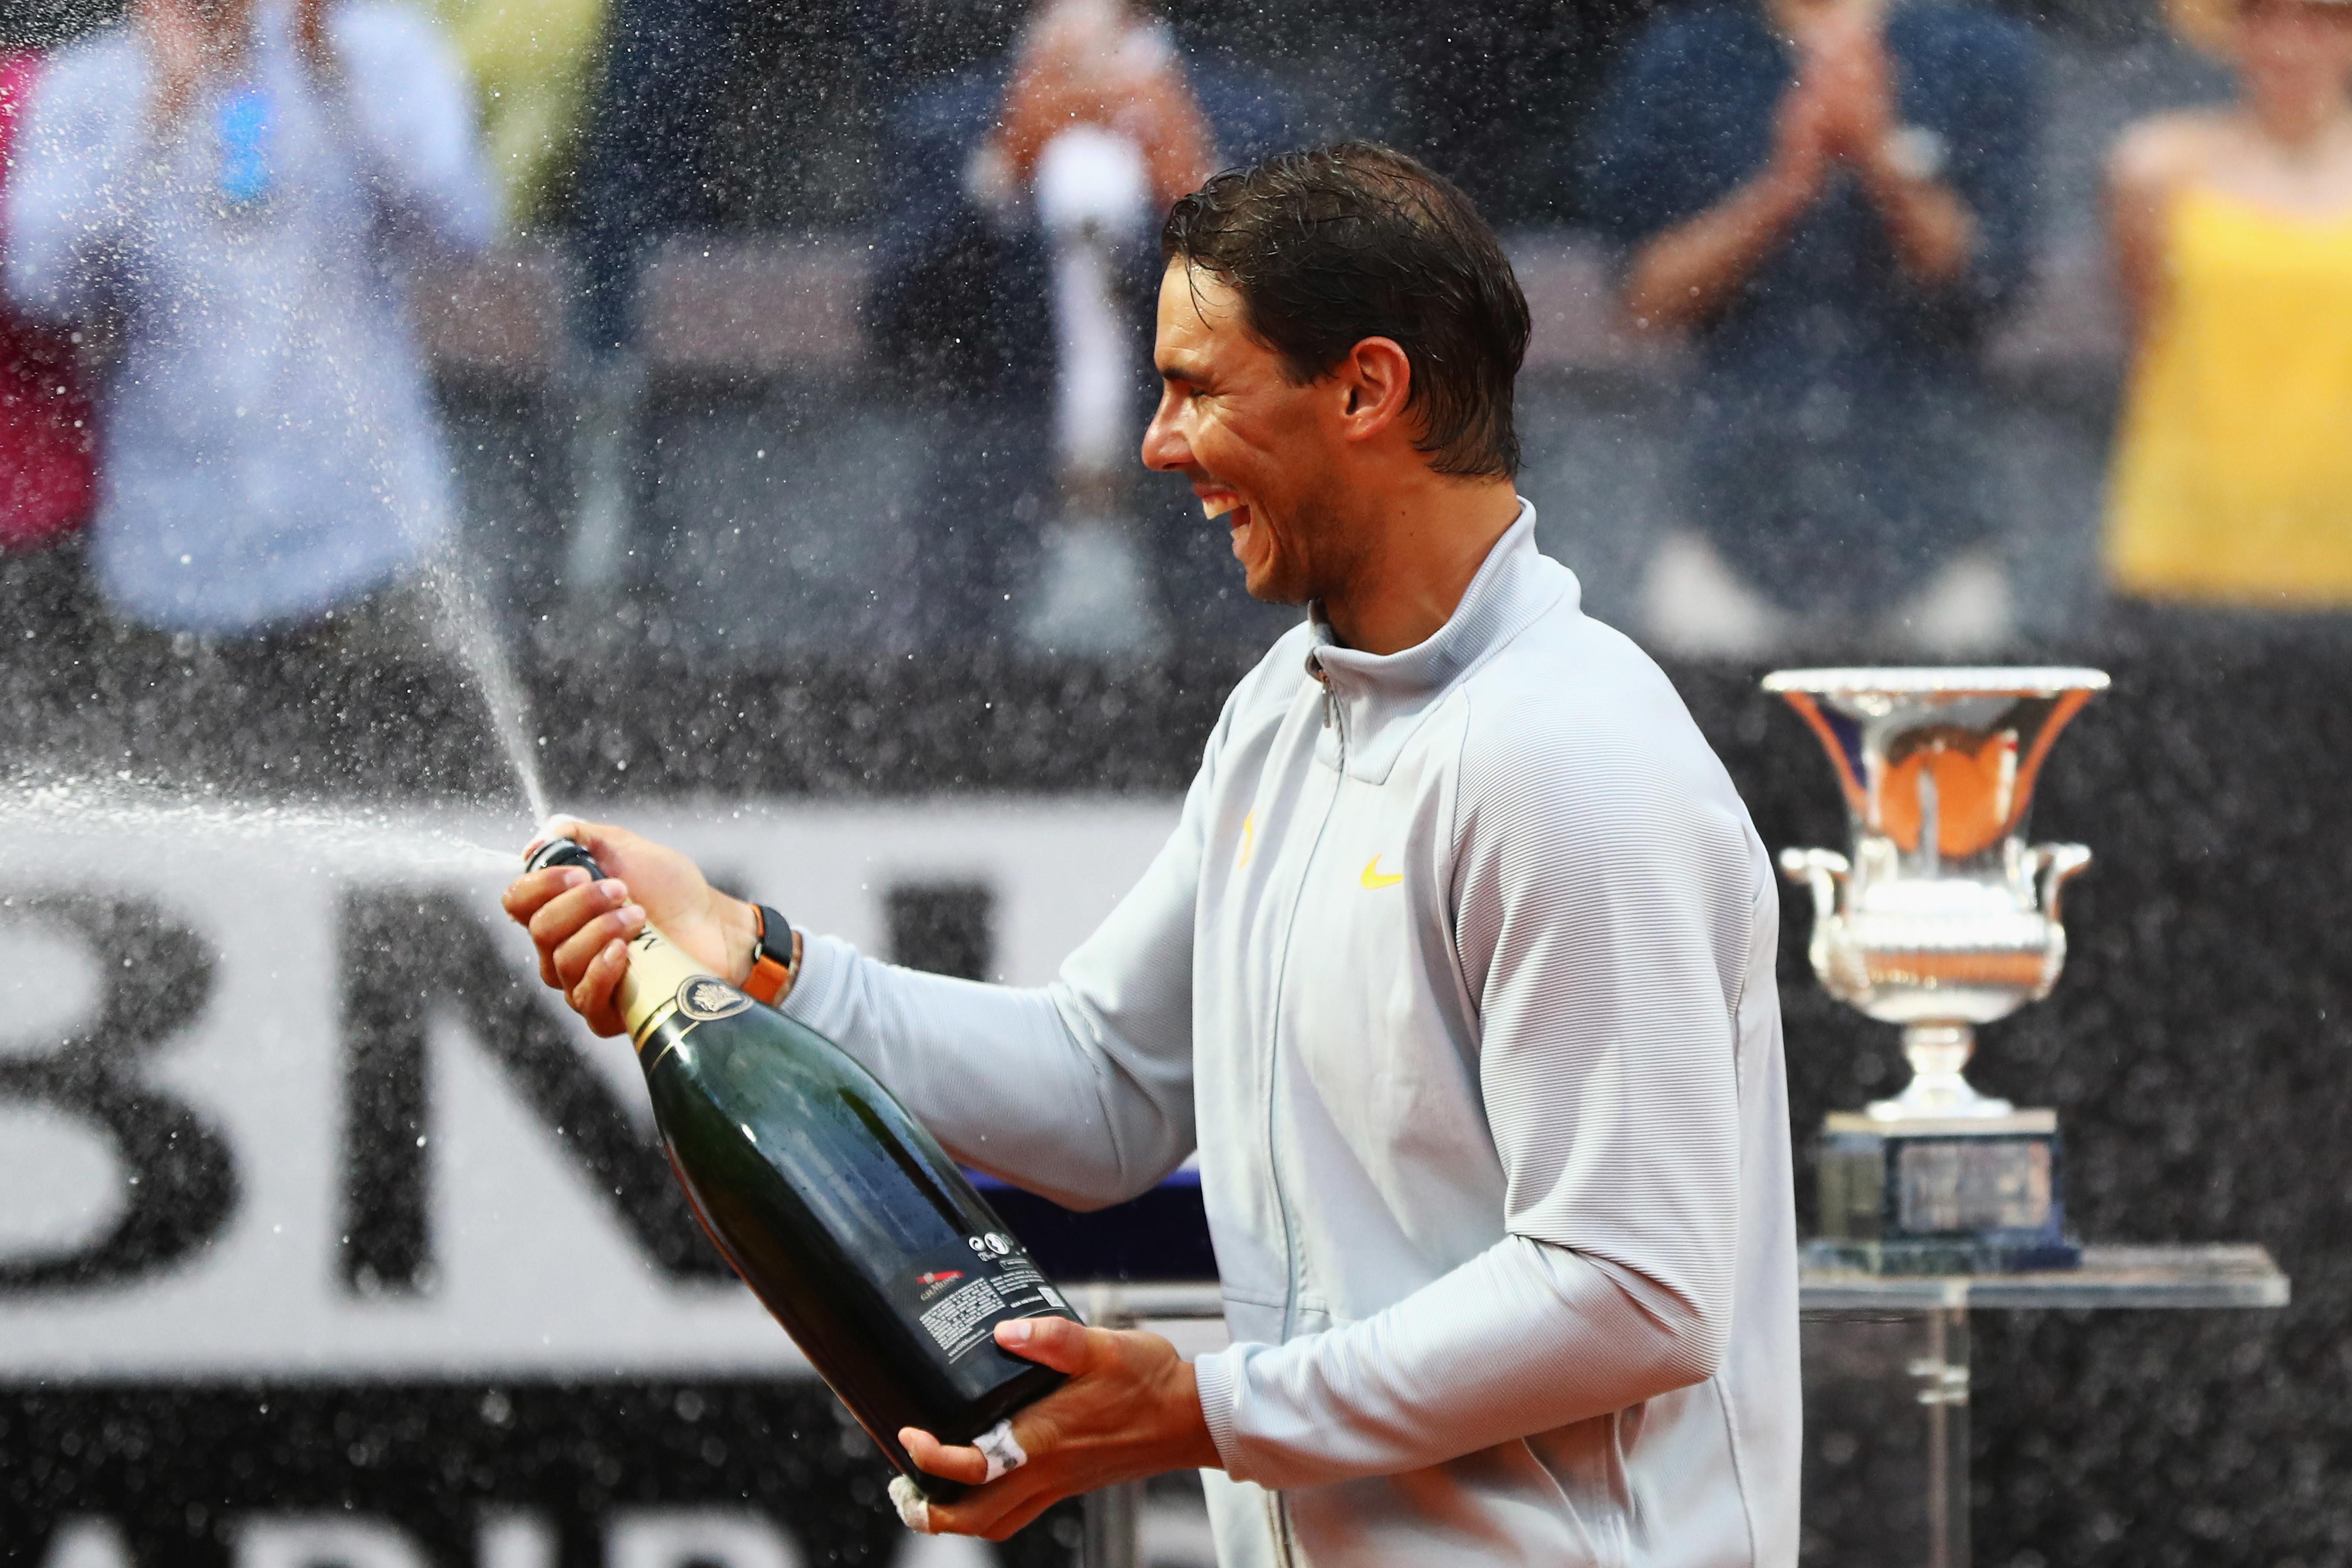 Nel 2018 e nel 2019, Rafa Nadal ha allungato la sua lista di record portando a nove i suoi trionfi agli Internazionali BNL battendo rispettivamente Zverev e Djokovic, a cui ha riservato il primo 6-0 nella storia della loro rivalità.